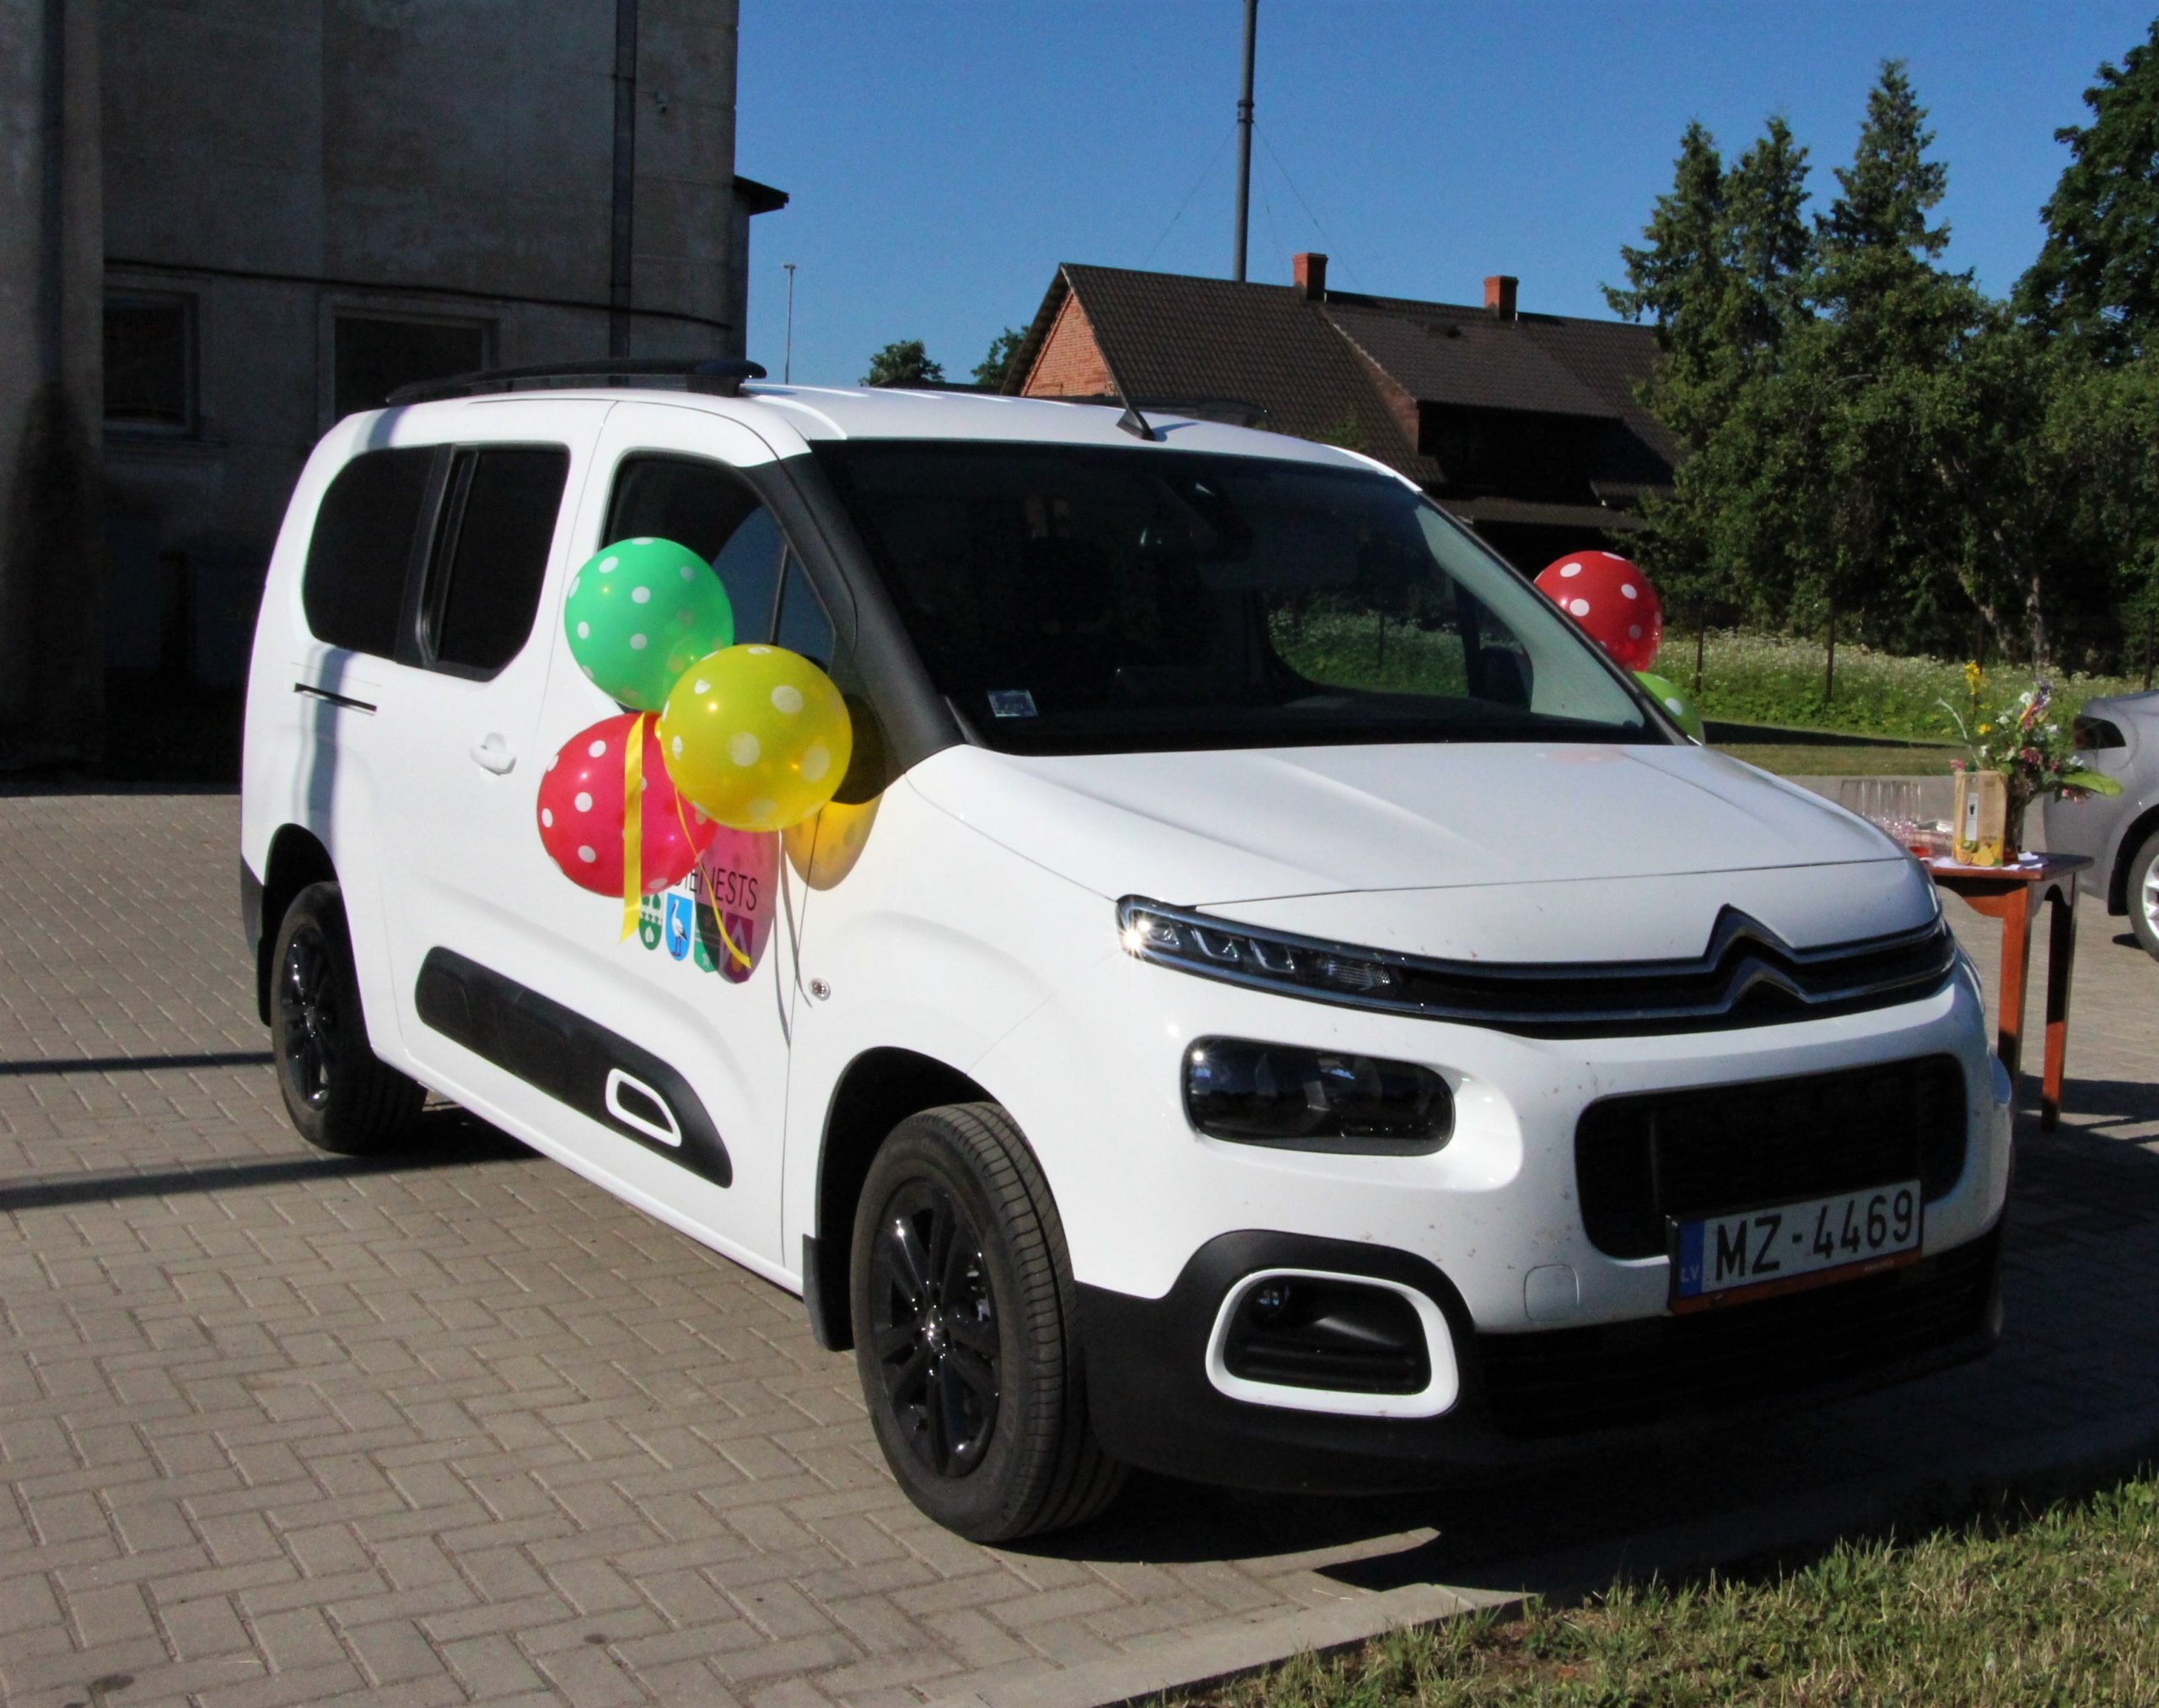 Dome nomās auto Alojas novada sociālā dienesta vajadzībām